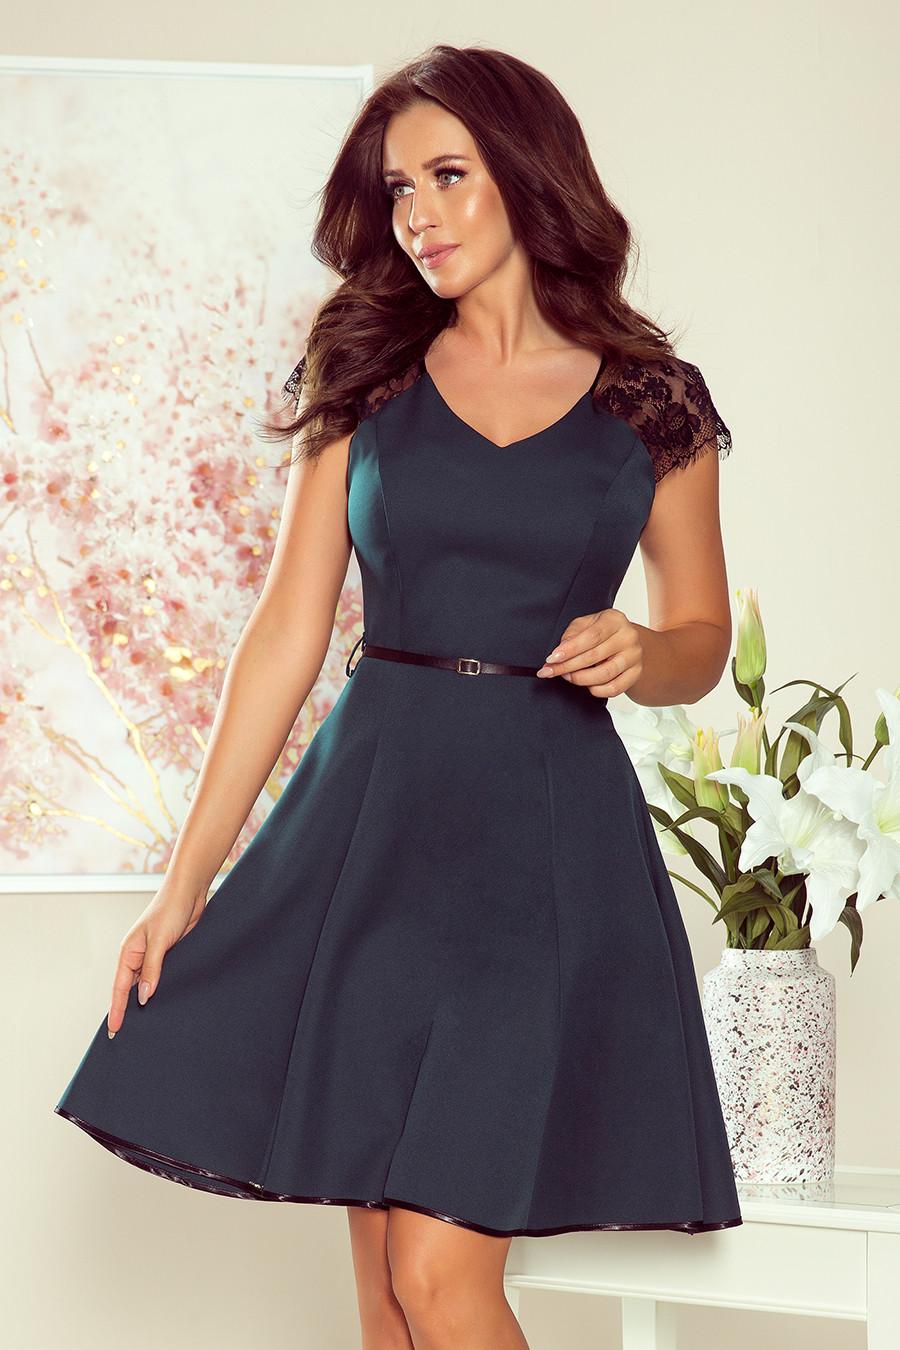 Dámske šaty 254-1 - NUMOCO mentolová-čierna XL